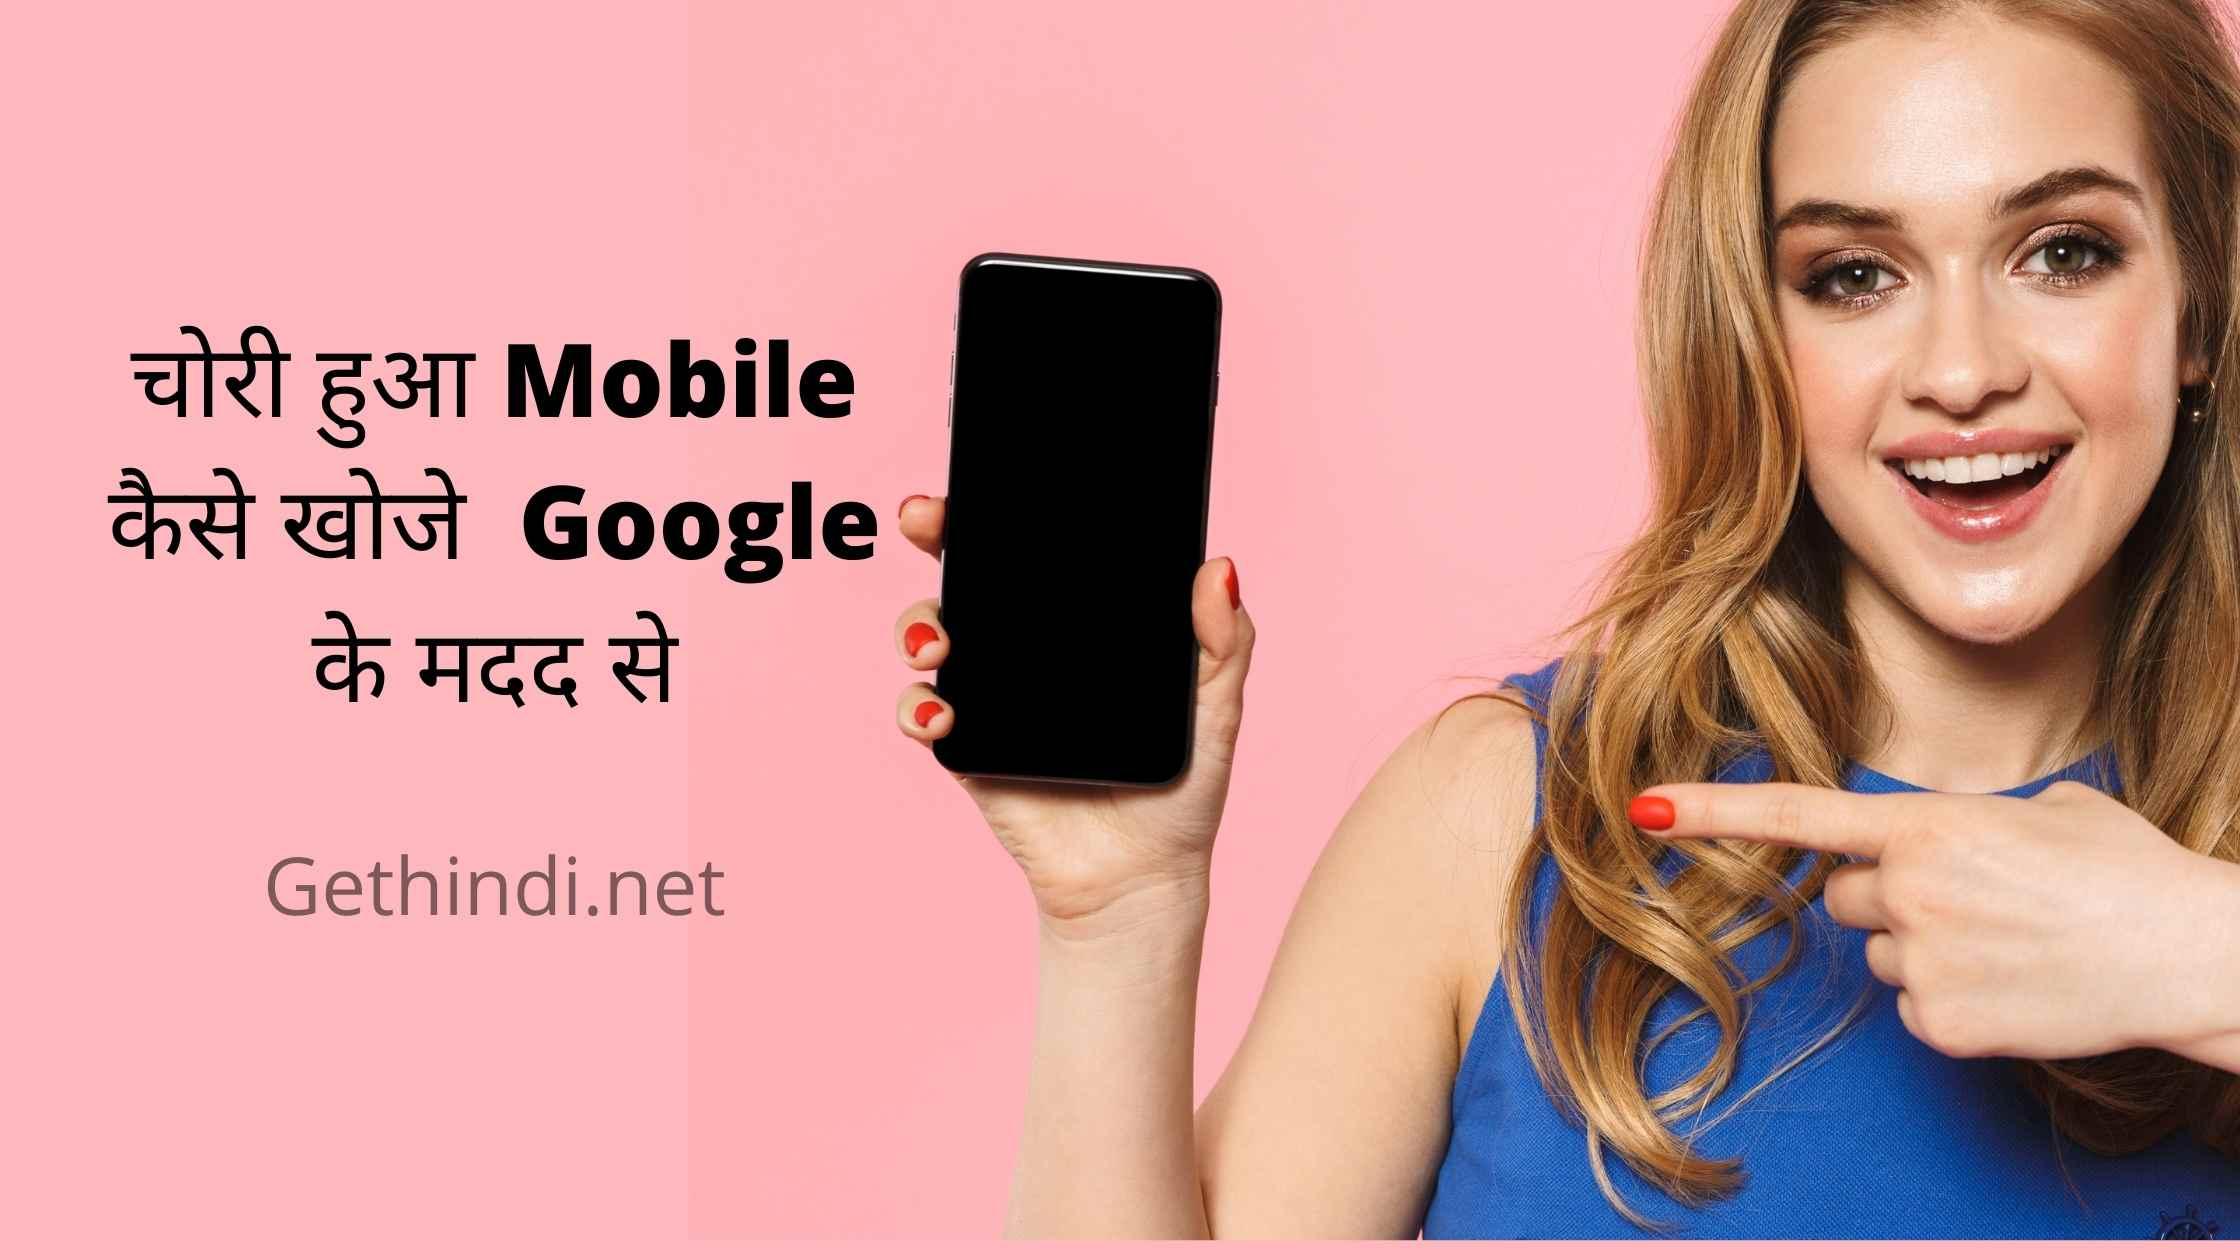 chori hua mobile kaise dhunde Google के मदद से 2020 Latest Update